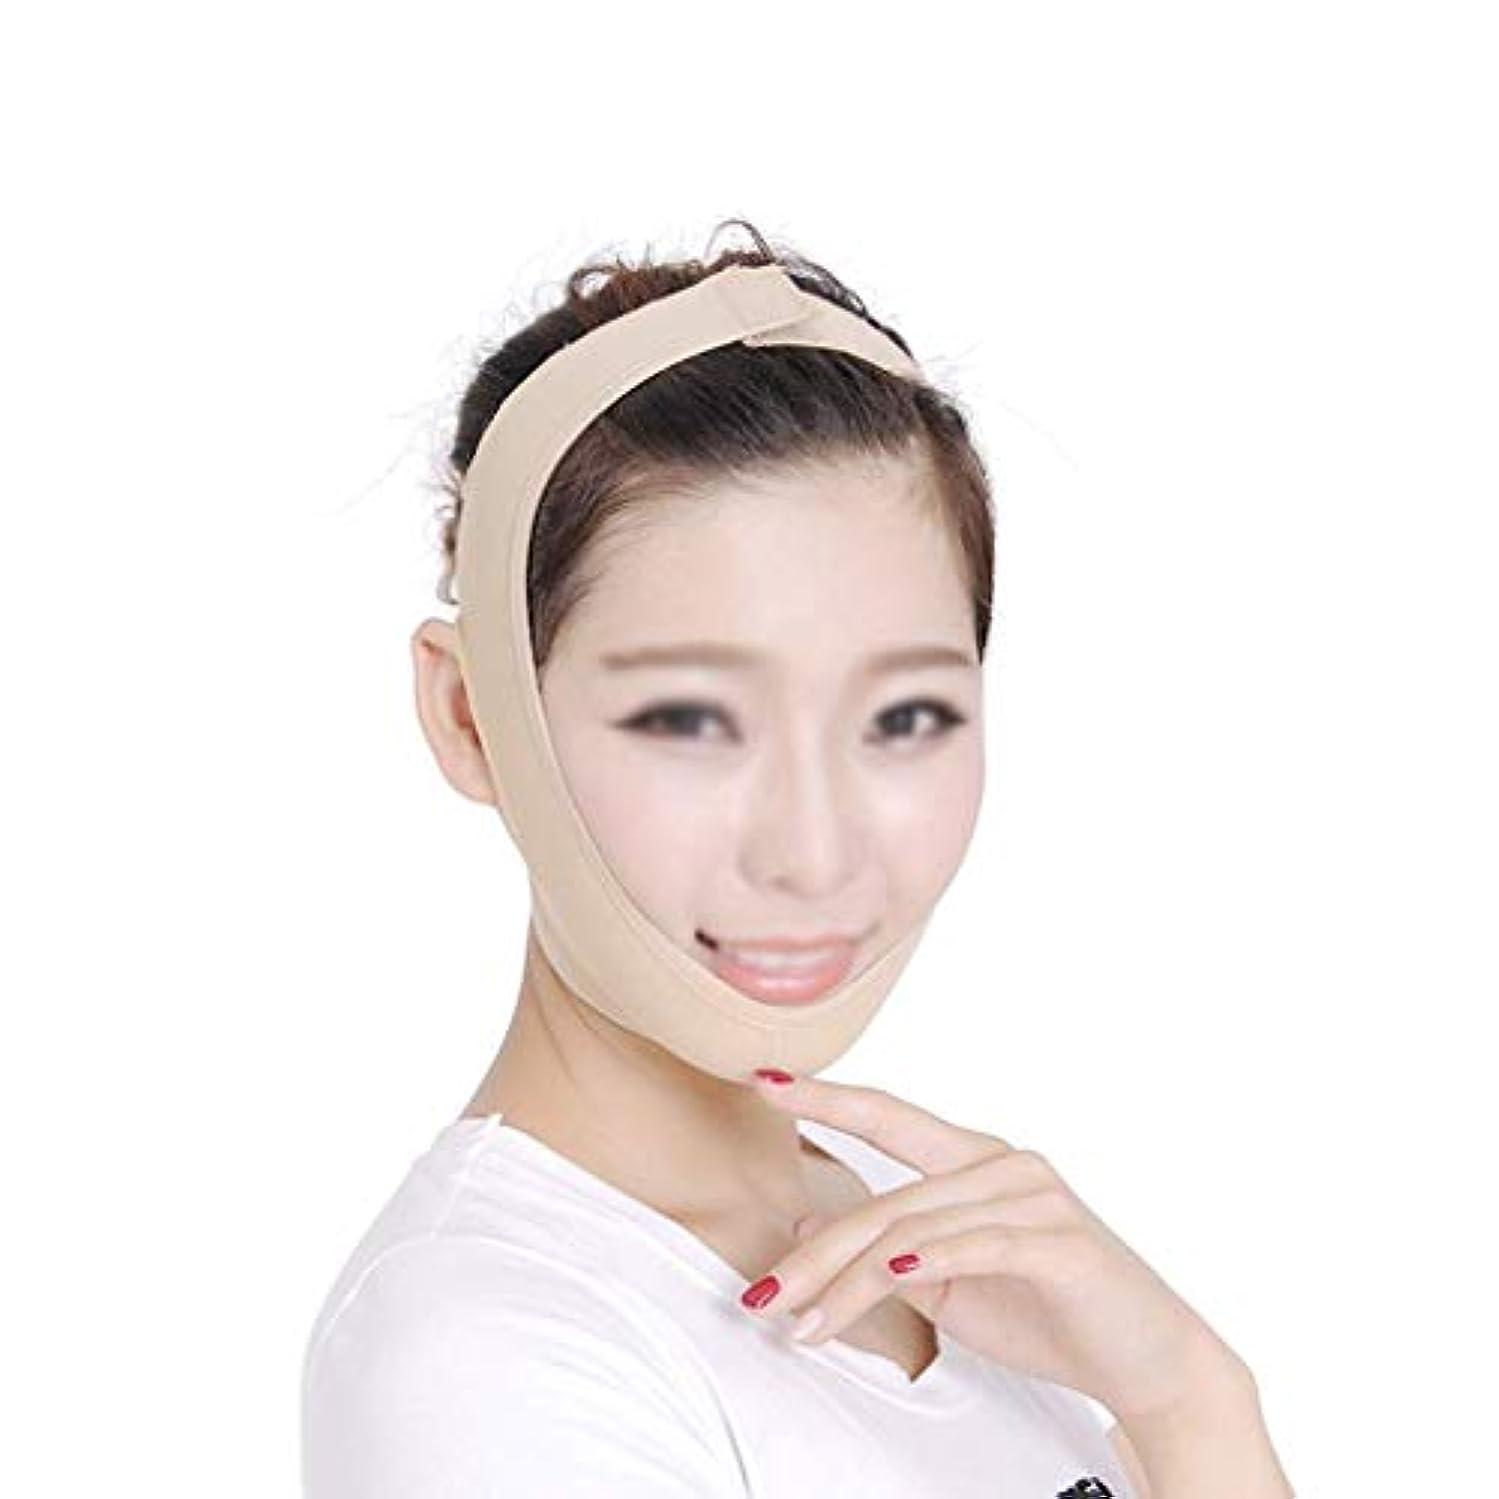 店員獲物ヒロイックフェイシャル減量マスクリフティングフェイス、フェイスマスク、減量包帯を除去するためのダブルチン、フェイシャルリフティング包帯、ダブルチンを減らすためのリフティングベルト(カラー:ブラック、サイズ:M),イエローピンク、L